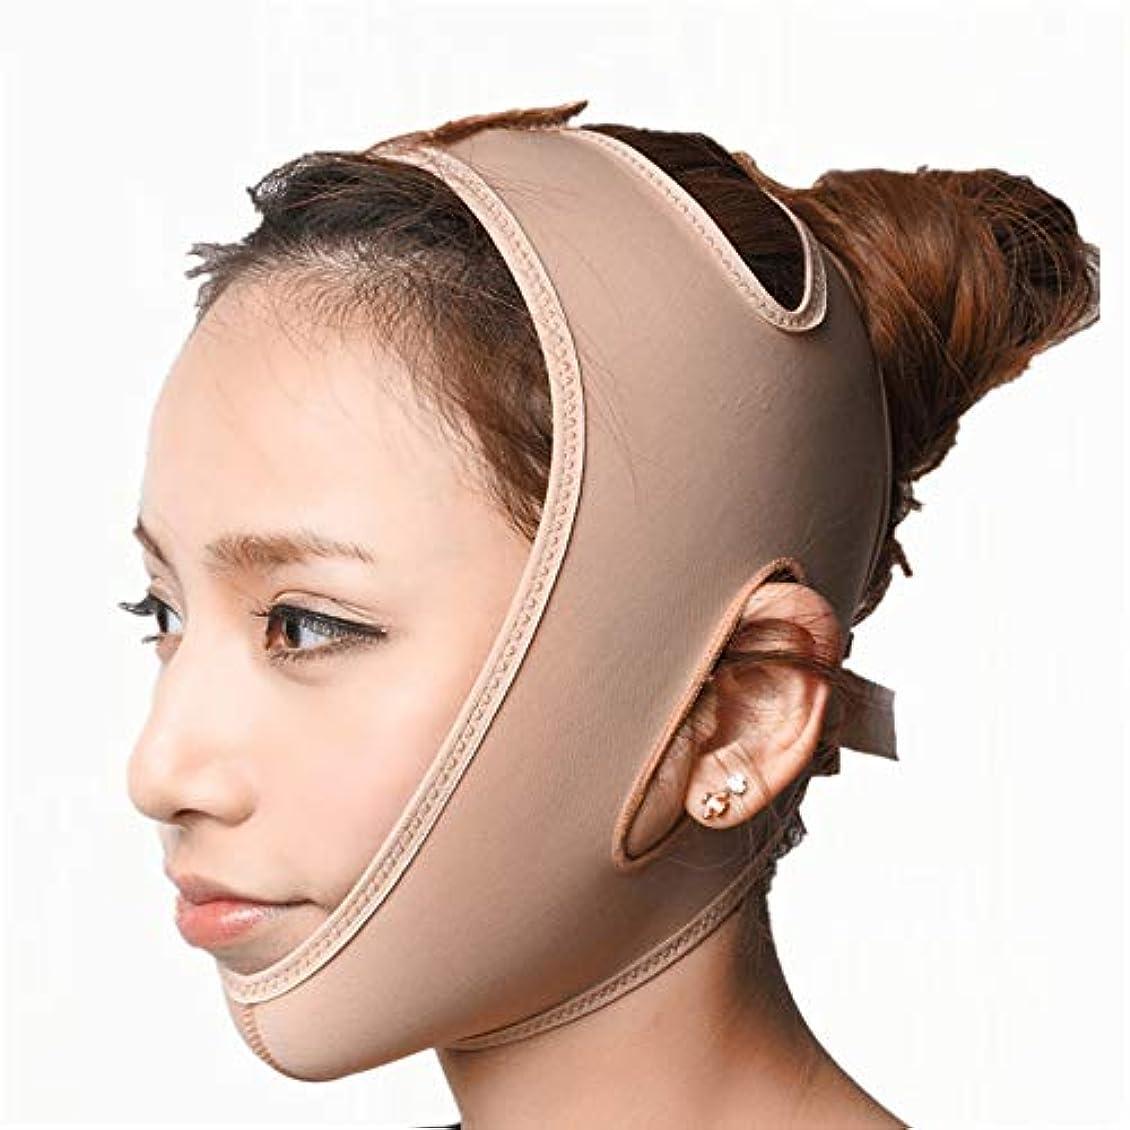 注ぎます秘密の試すフェイスリフトベルト 薄い顔のベルト - 薄い顔のアーチファクトVの顔の包帯マスクの顔のマッサージャー薄いダブルの顎のデバイス